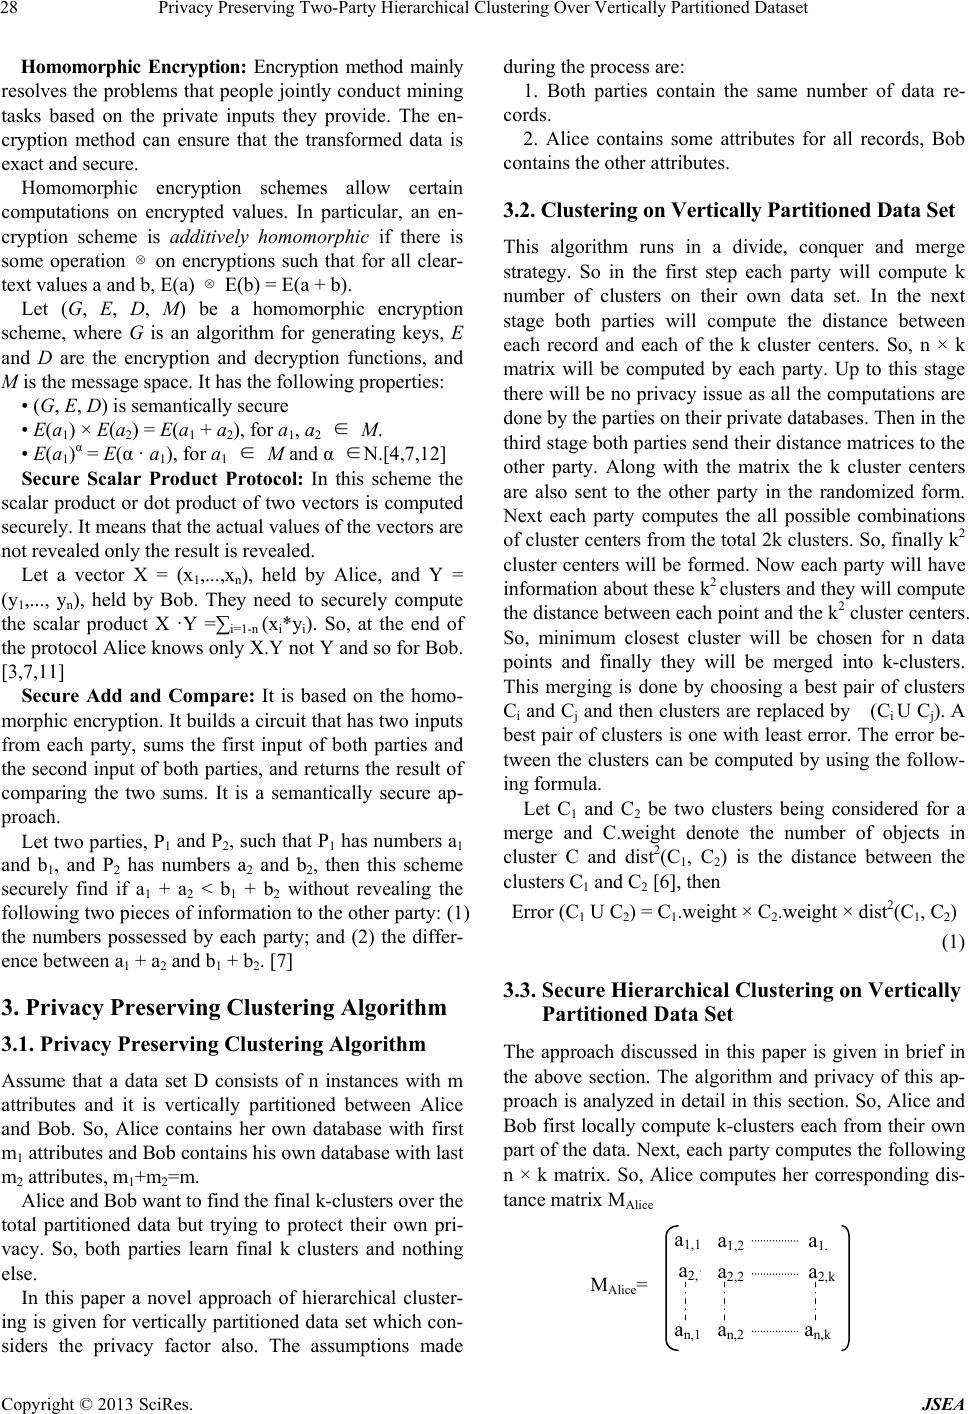 snapshot mining phd thesis